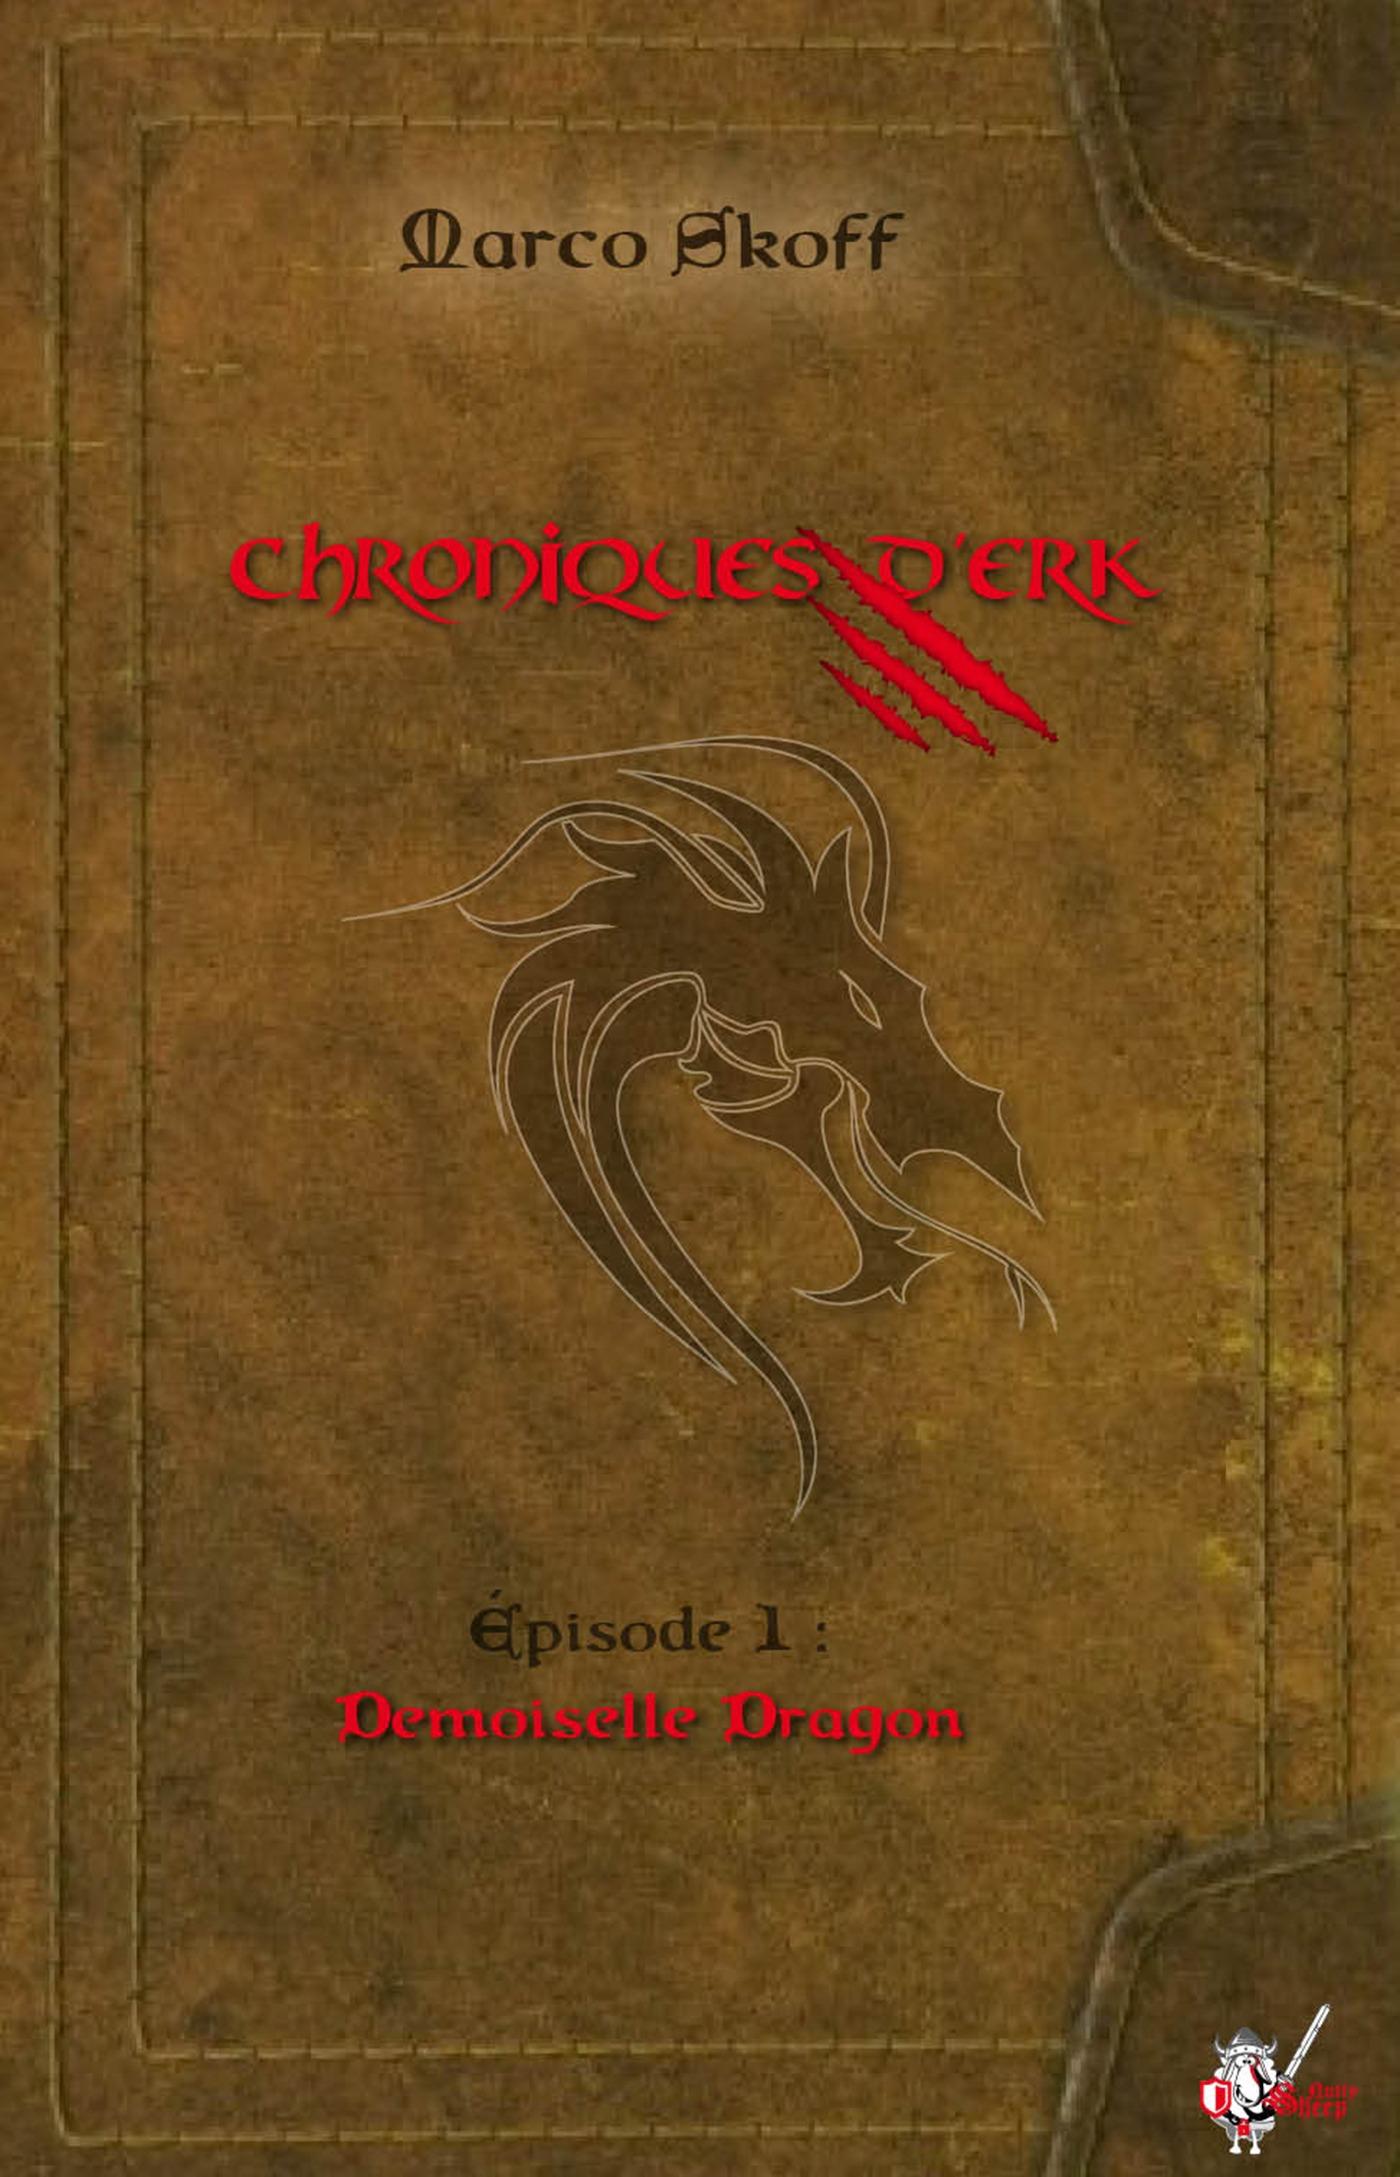 Chroniques d'Erk, Épisode 1